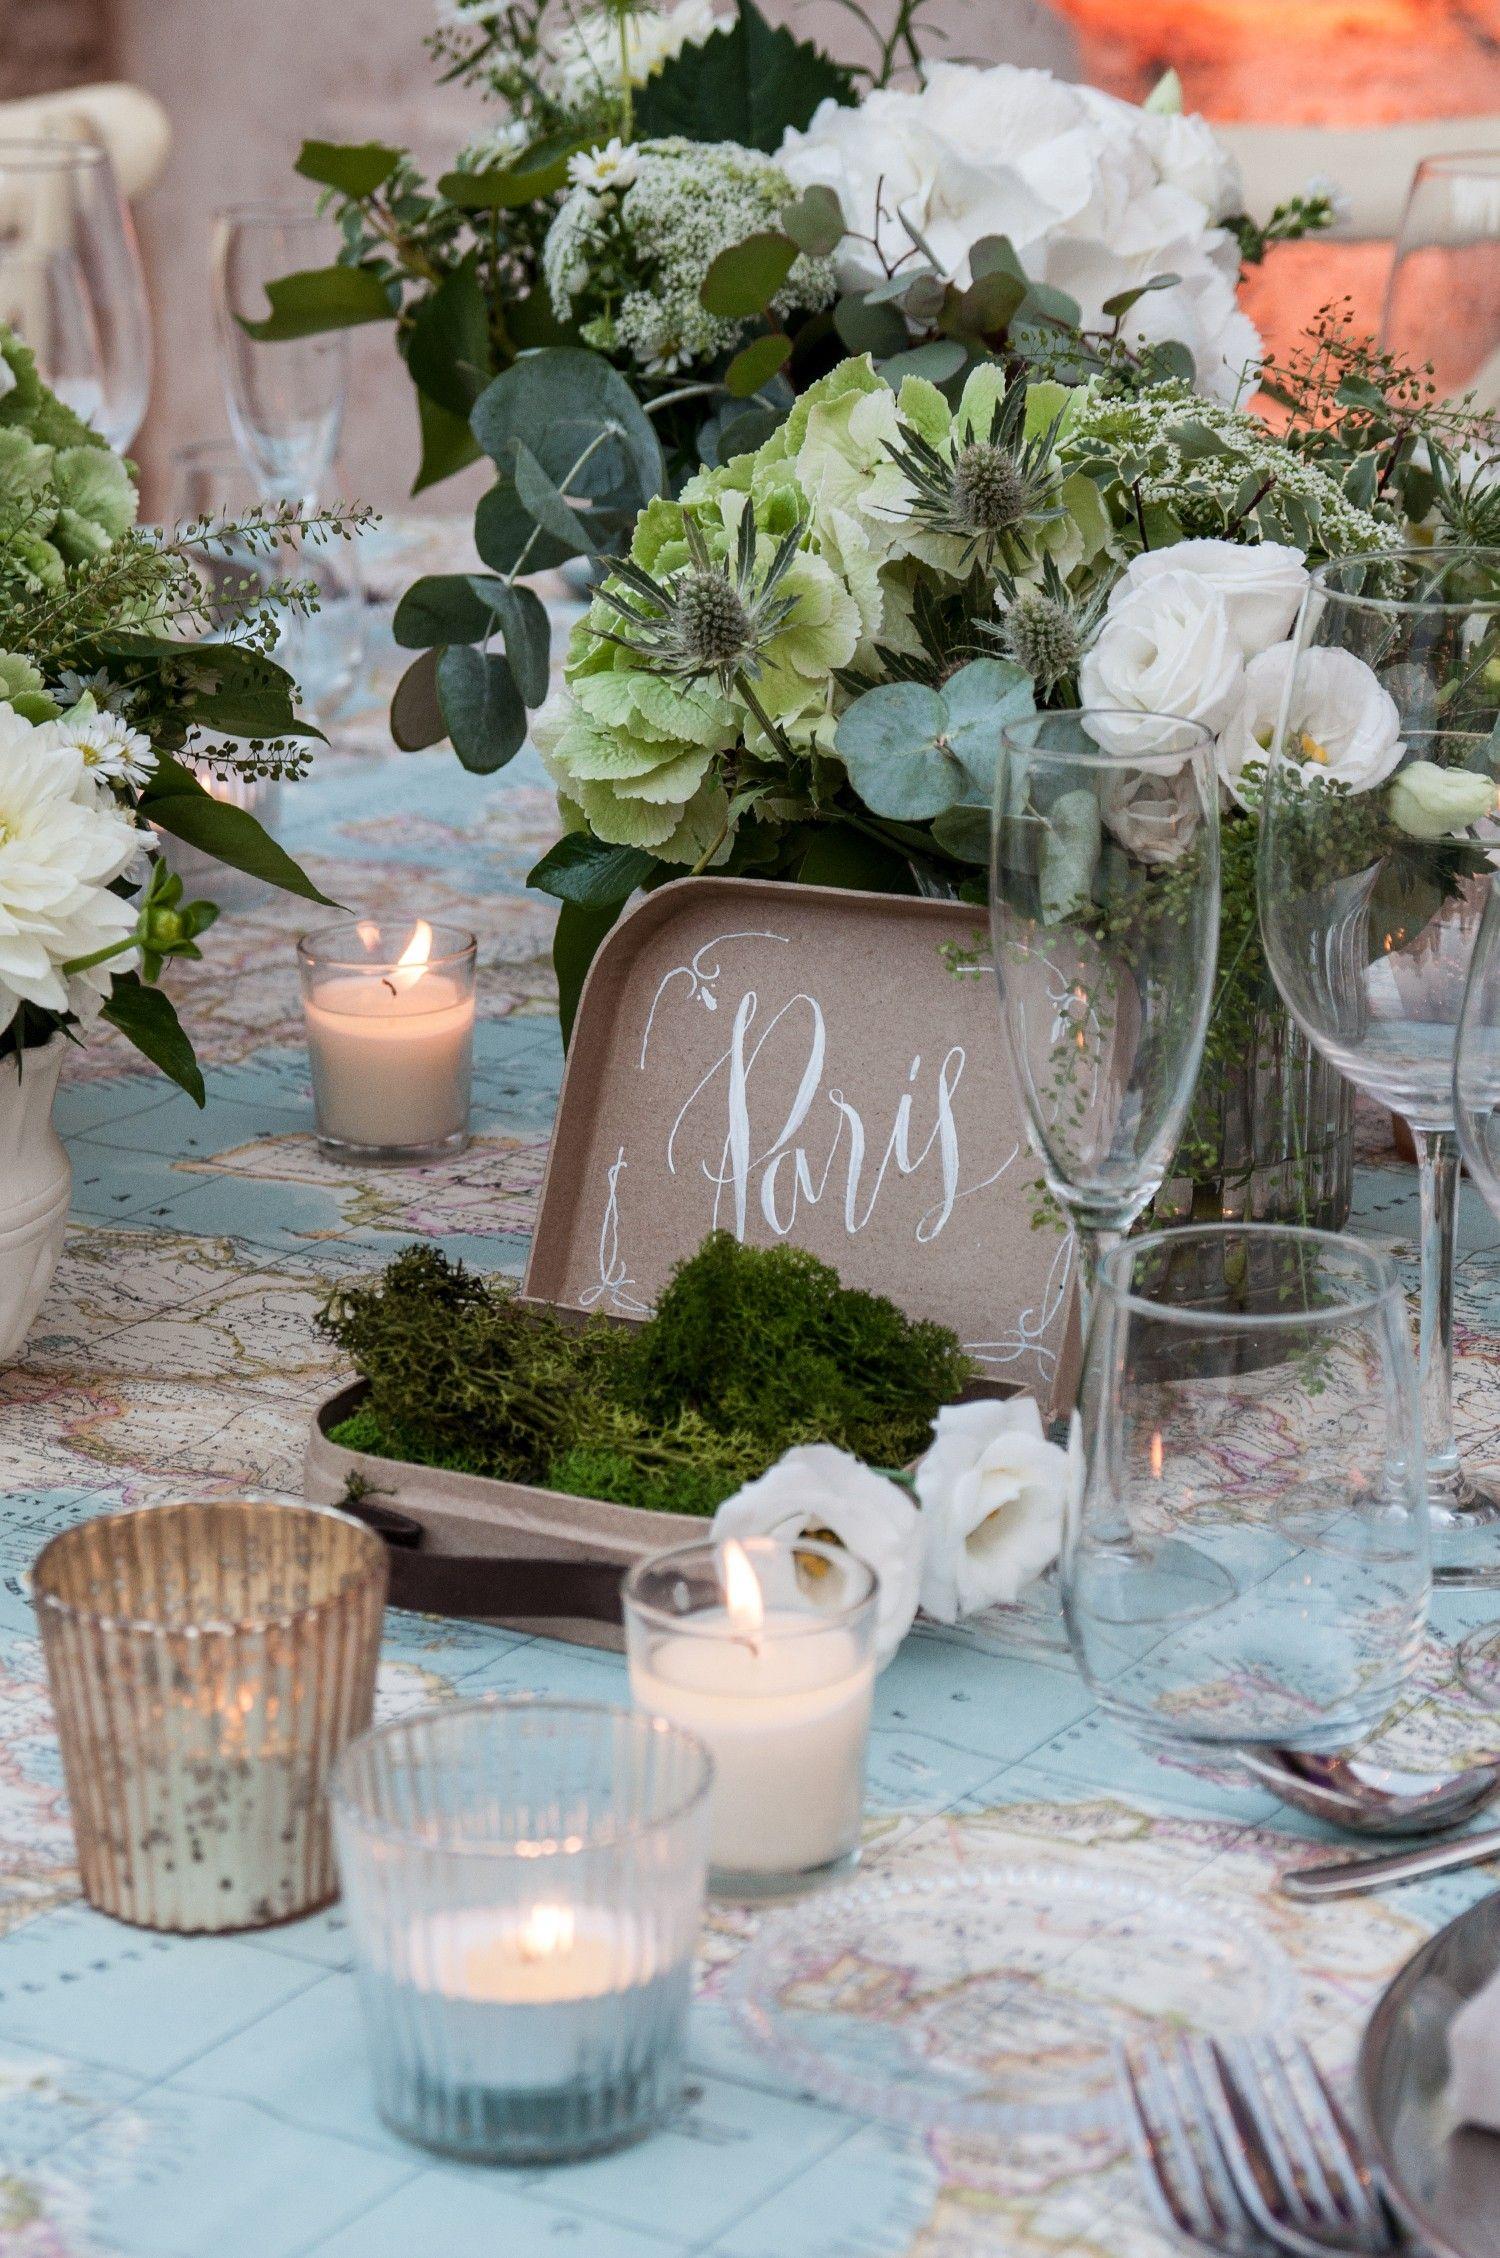 L+A WEDDING bodas y algo más, ideas para bodas, On top, weddings - Macarena Gea